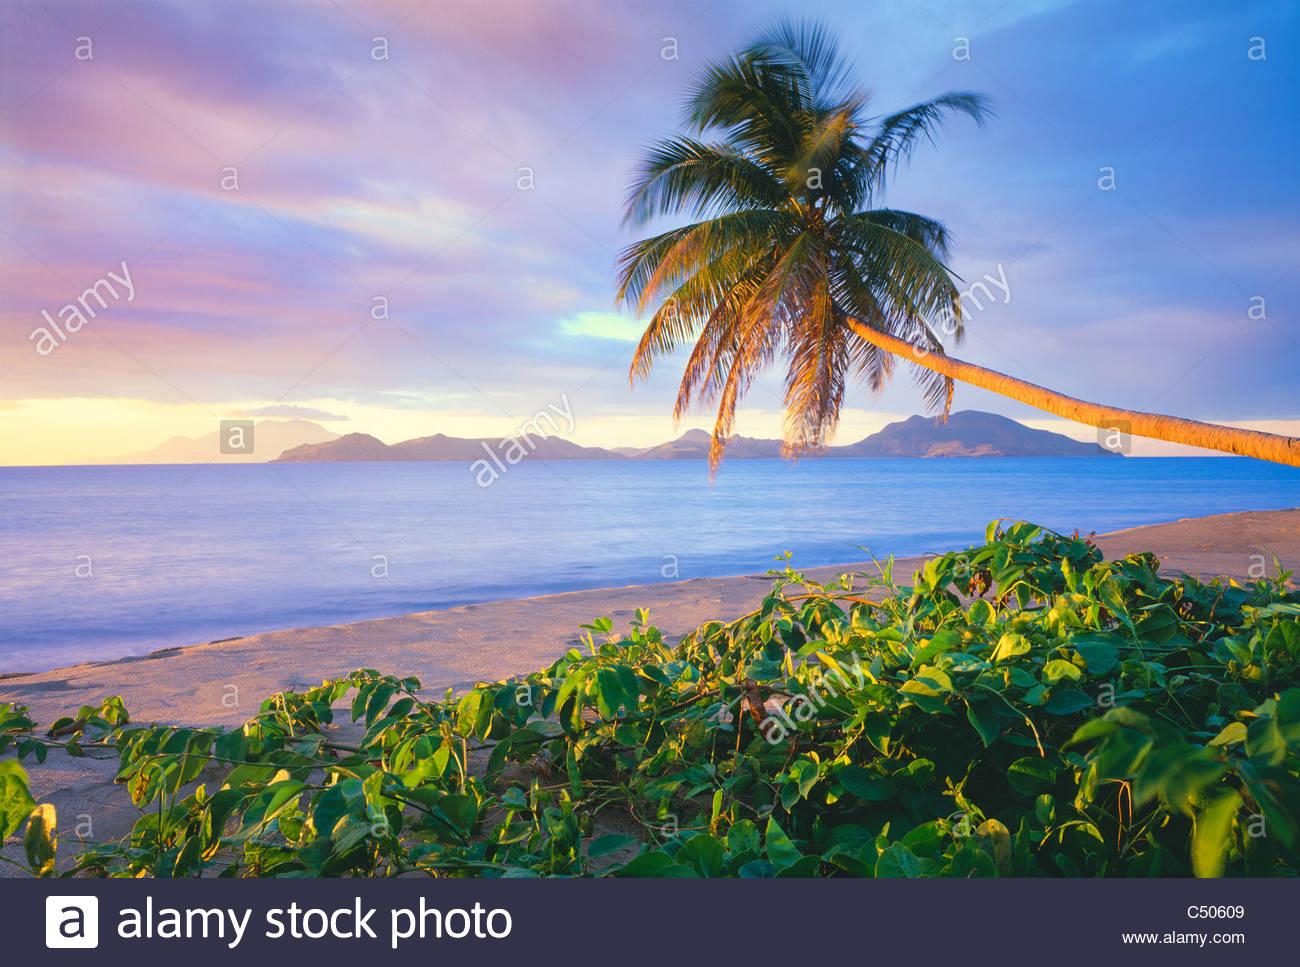 Palme auf Pinney Strand, mit Insel St. Kitts in Ferne. Insel Nevis, Leeward-Inseln, kleine Antillen, Caribbean. Stockbild